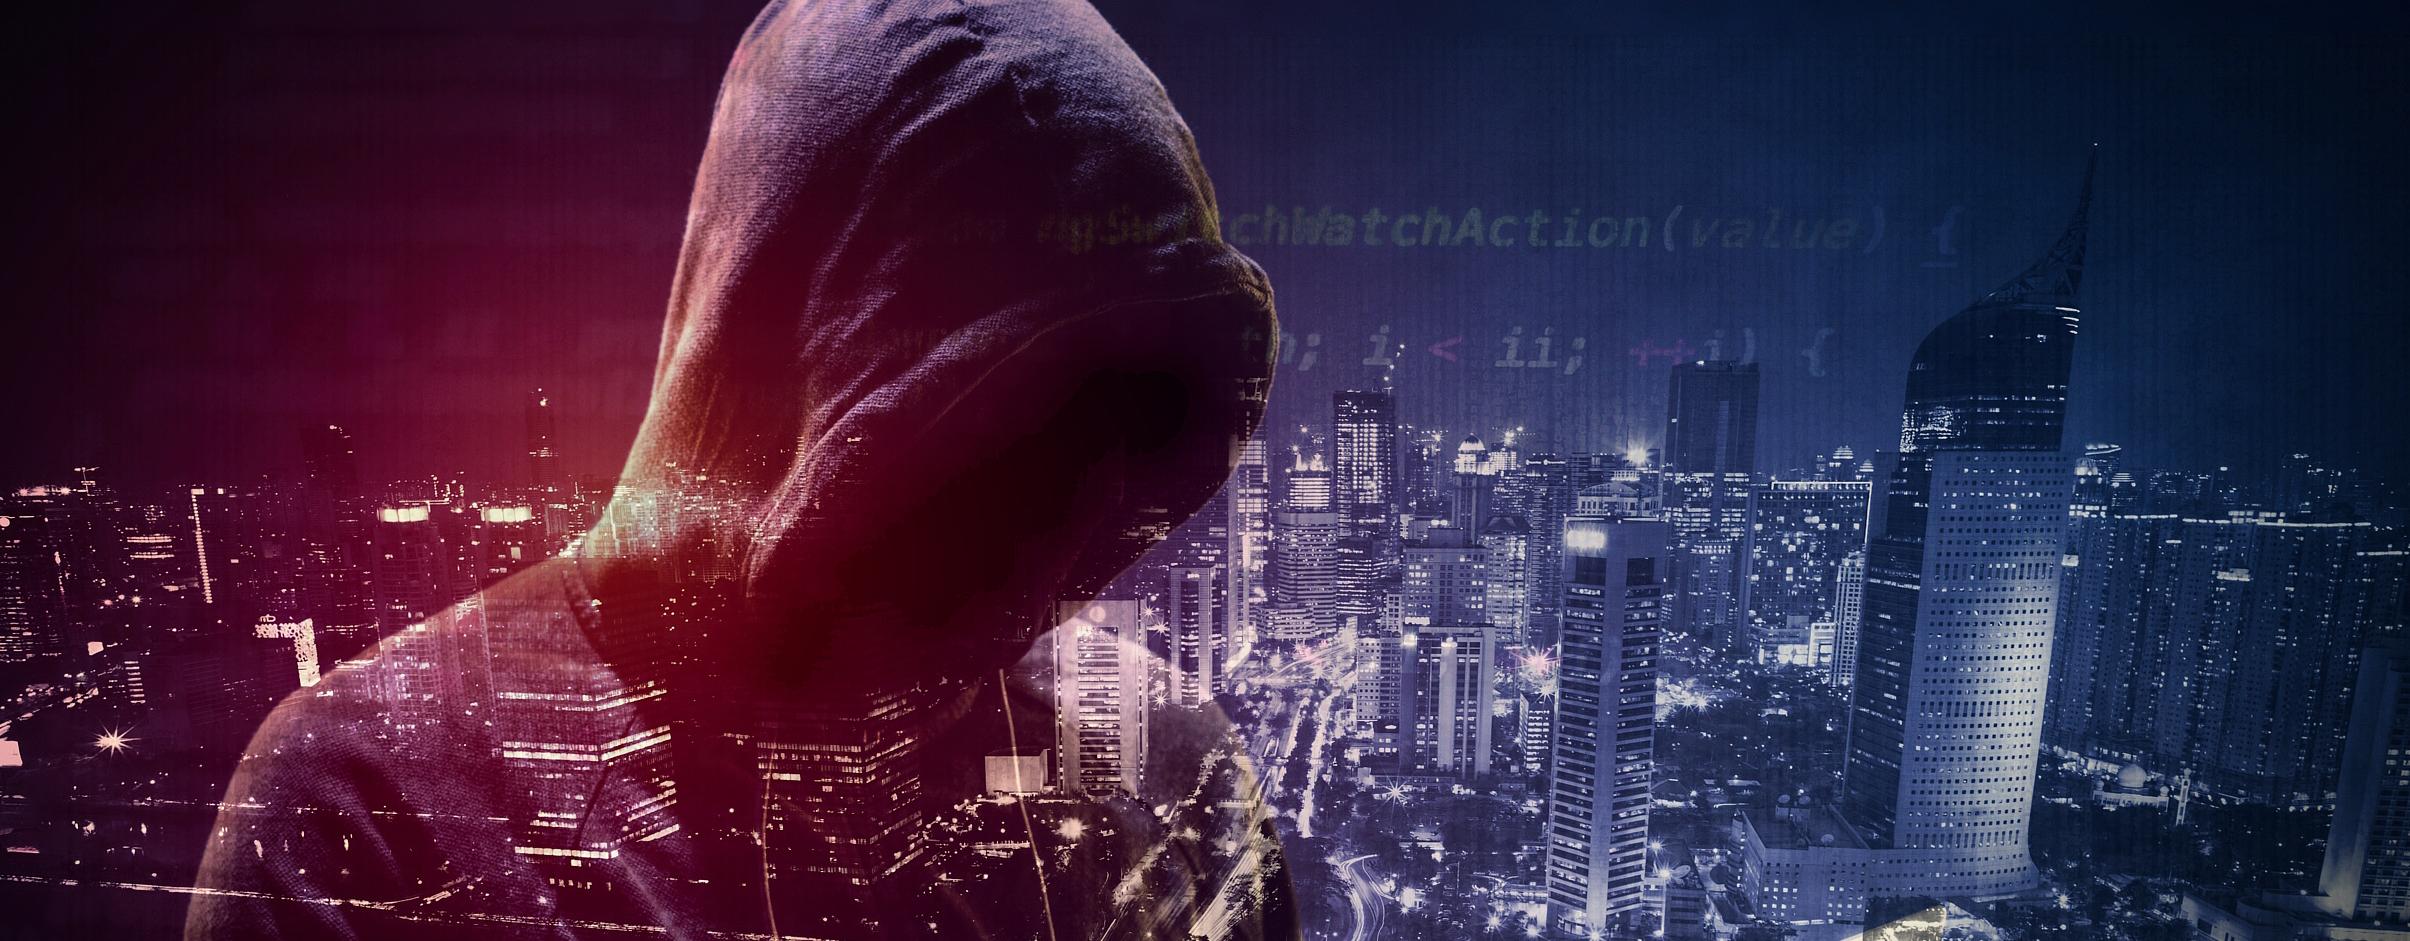 hacking-banner